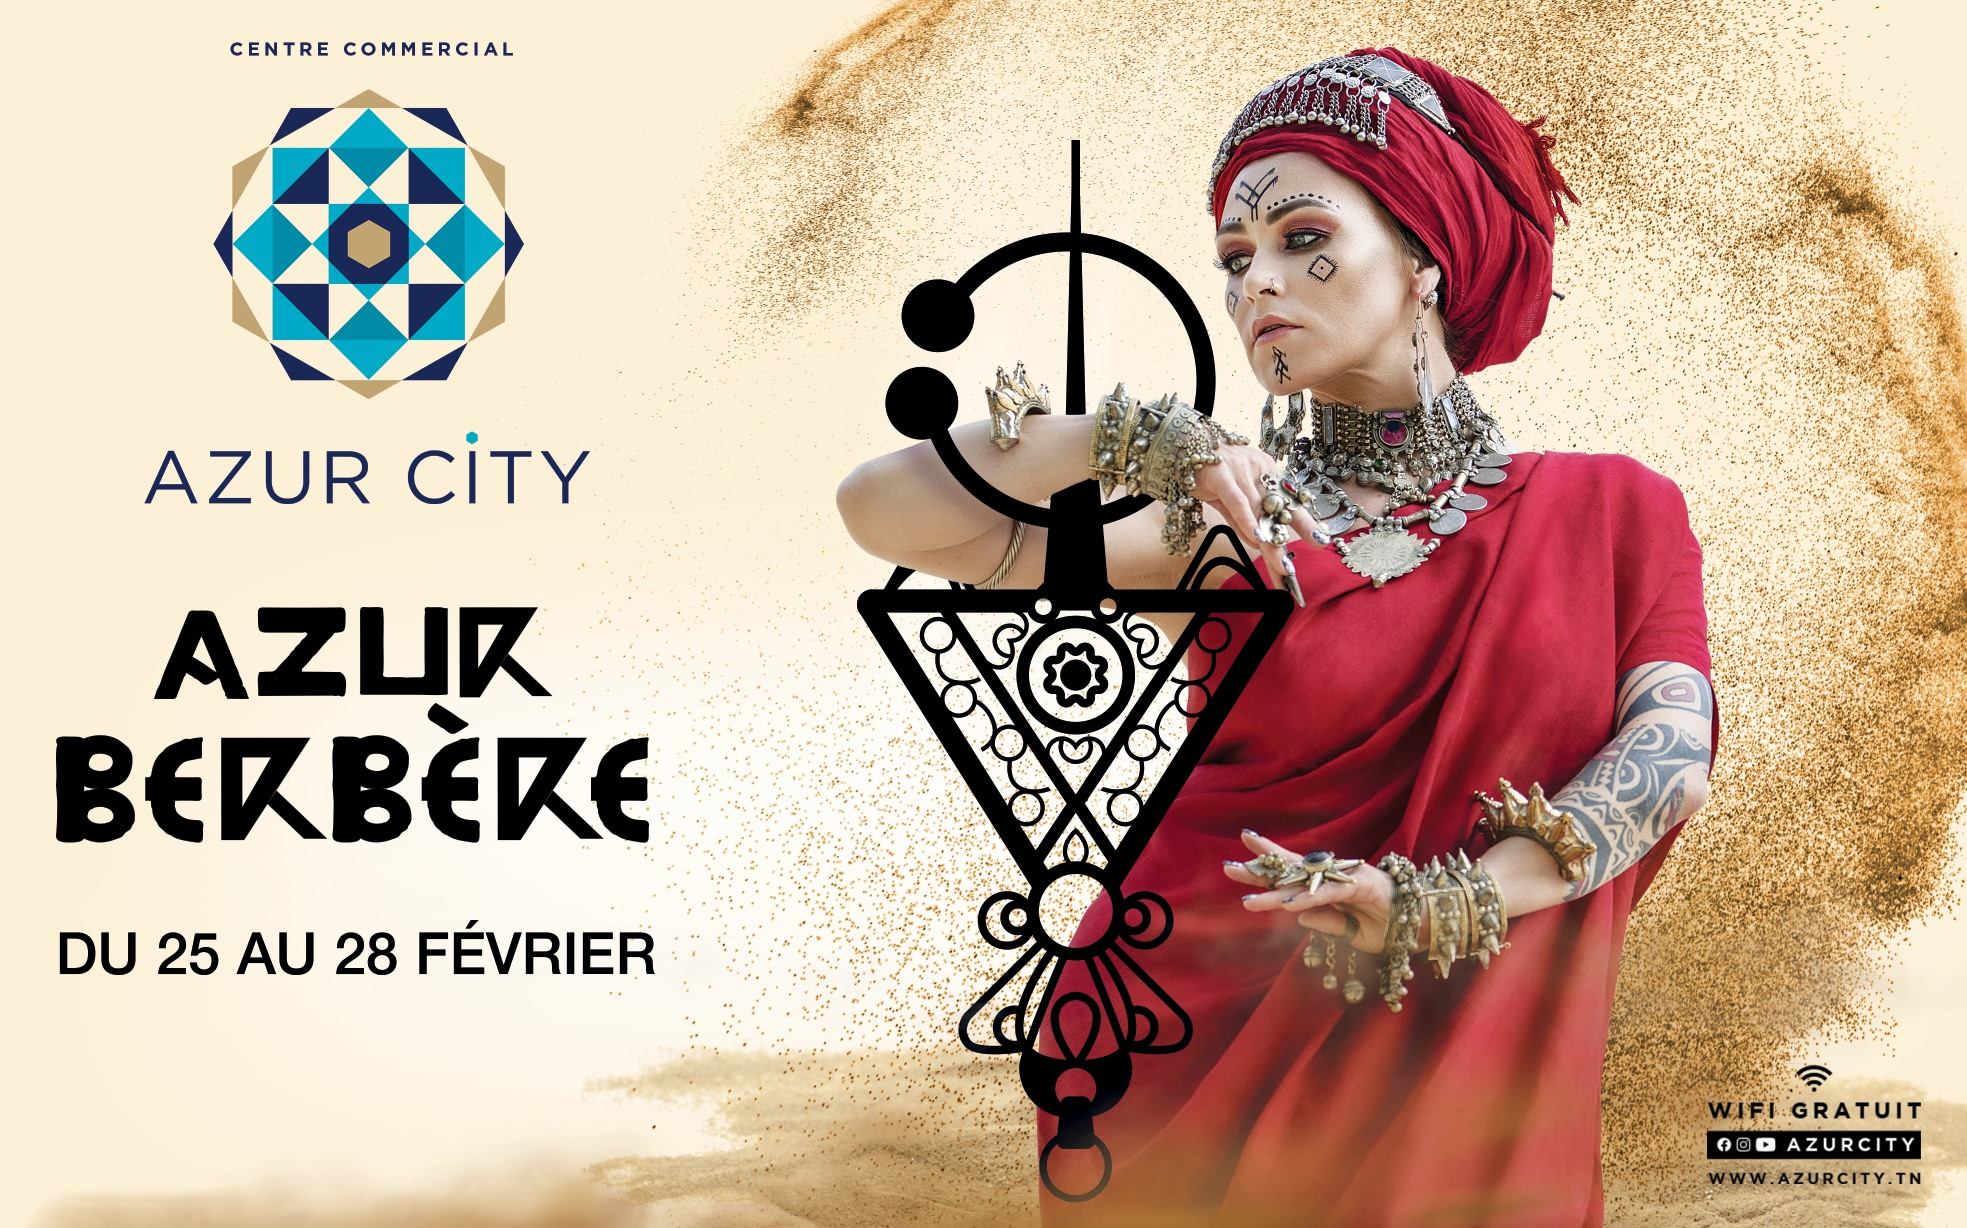 Affiche pour une expo au centre azur city